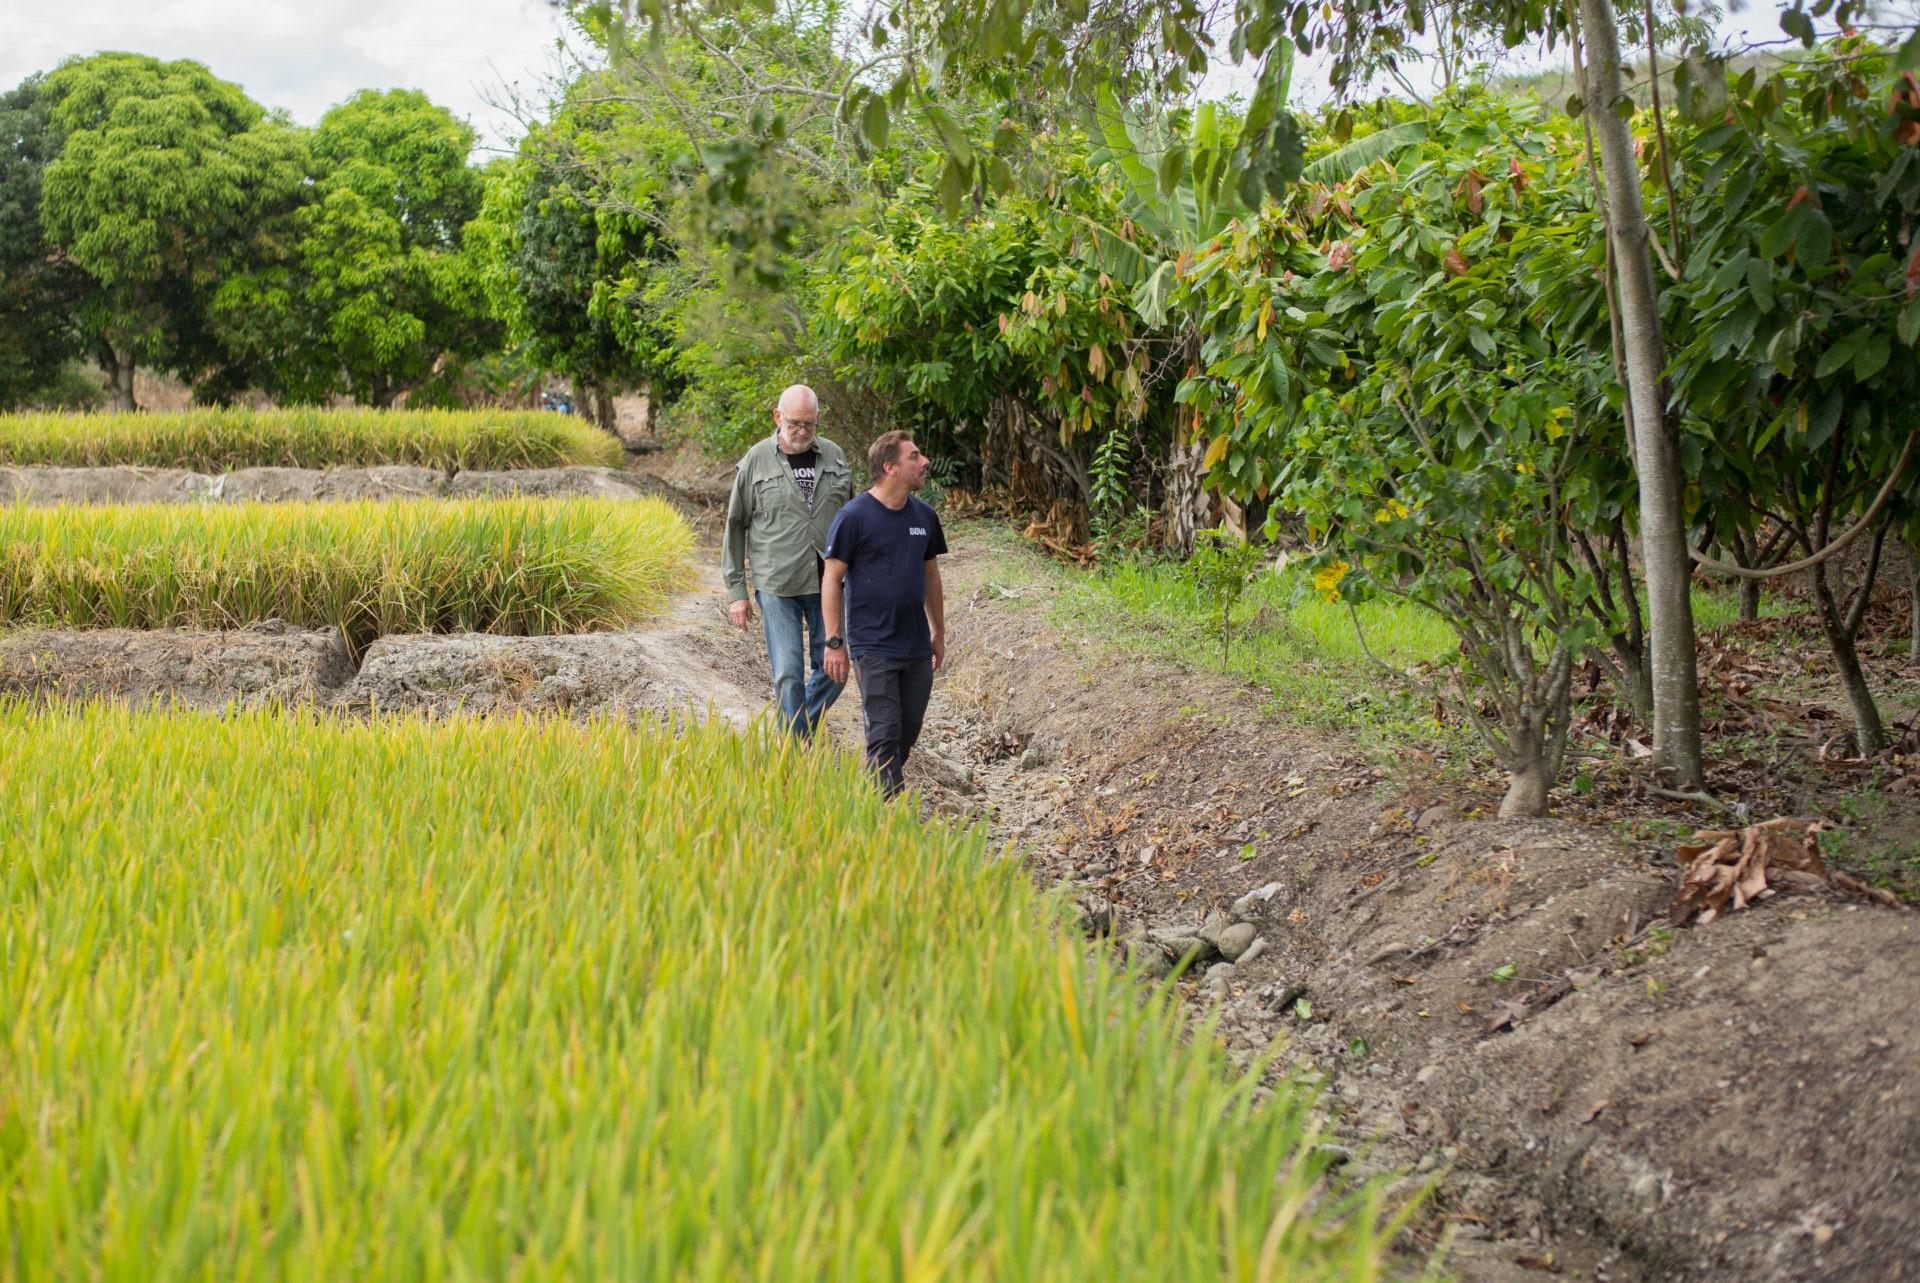 Jordi Roca e Ignacio Medina camina por la linde que separa un arrozal de un cacaotal en la ciudad de Jaén, en la región de Amazonas de Perú